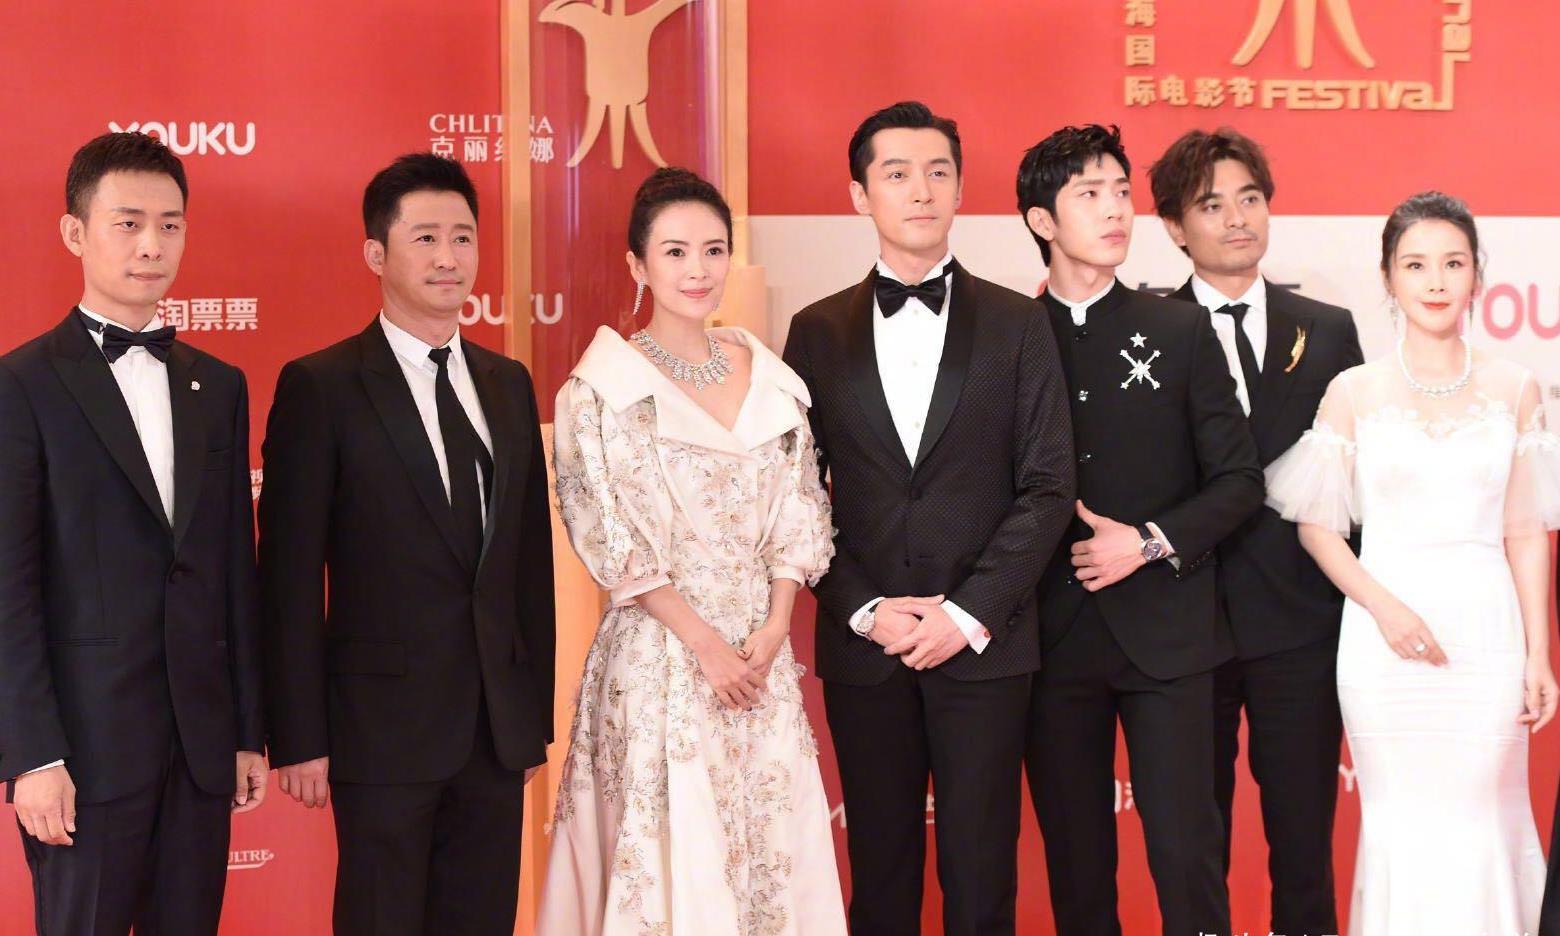 章子怡上海电影节走红毯,一袭复古蓬蓬裙搭丸子头,美得优雅高级